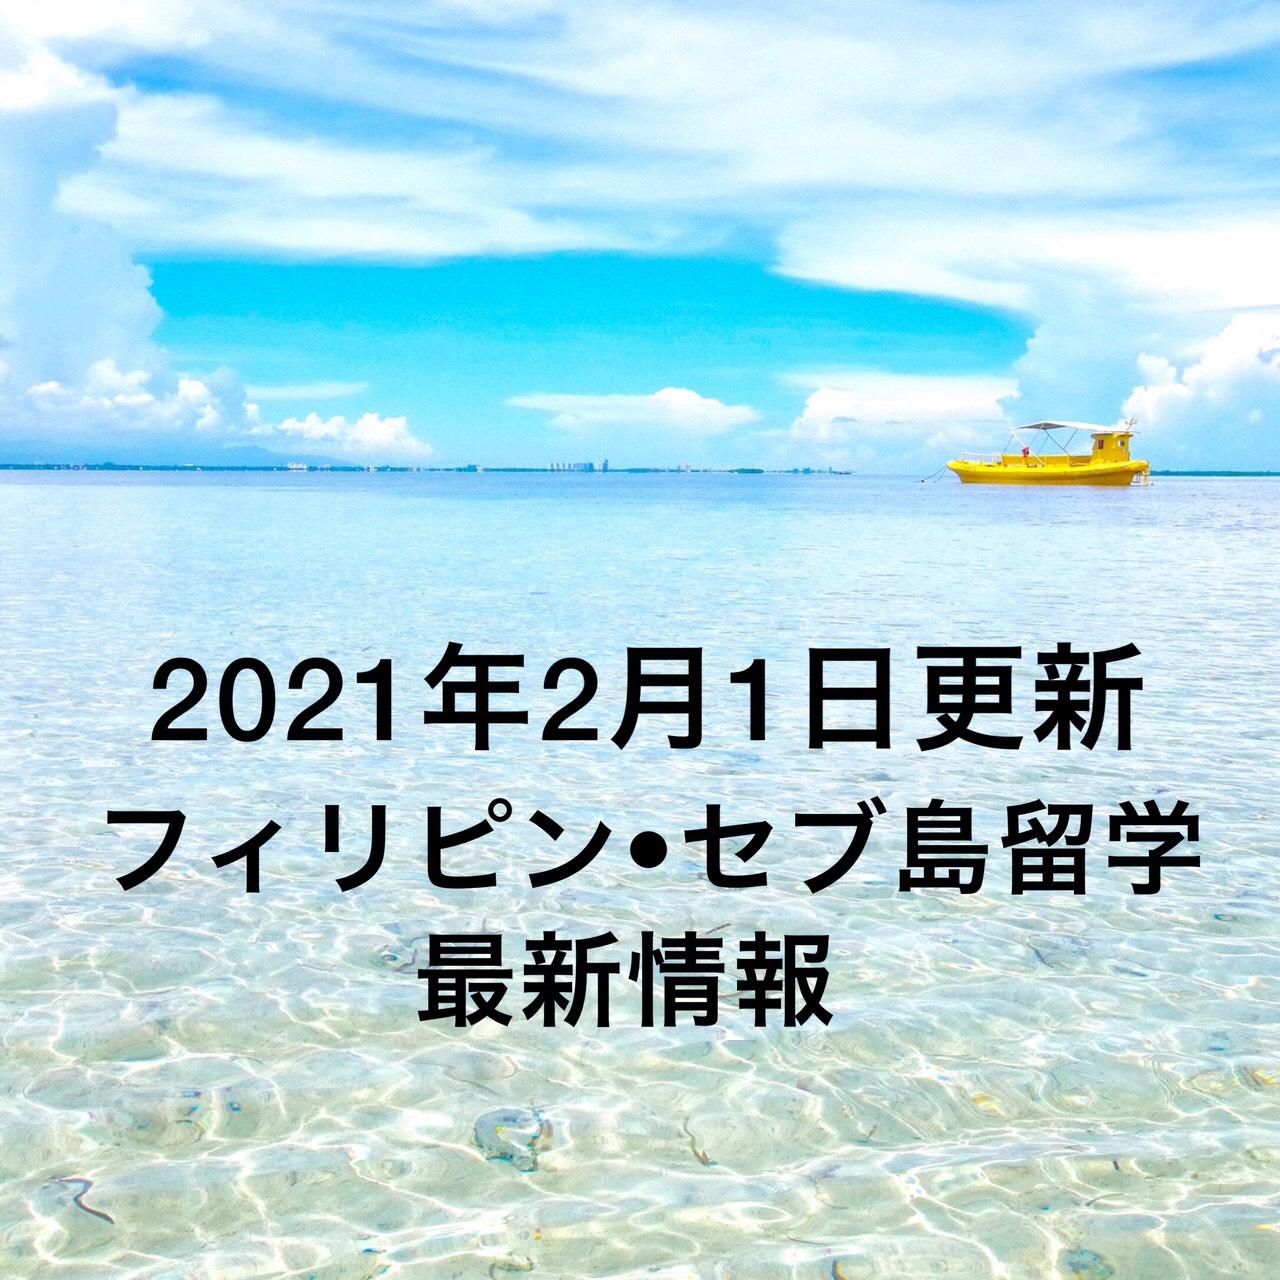 【2021年2月1日更新】 ☆フィリピン・セブ島留学最新情報☆